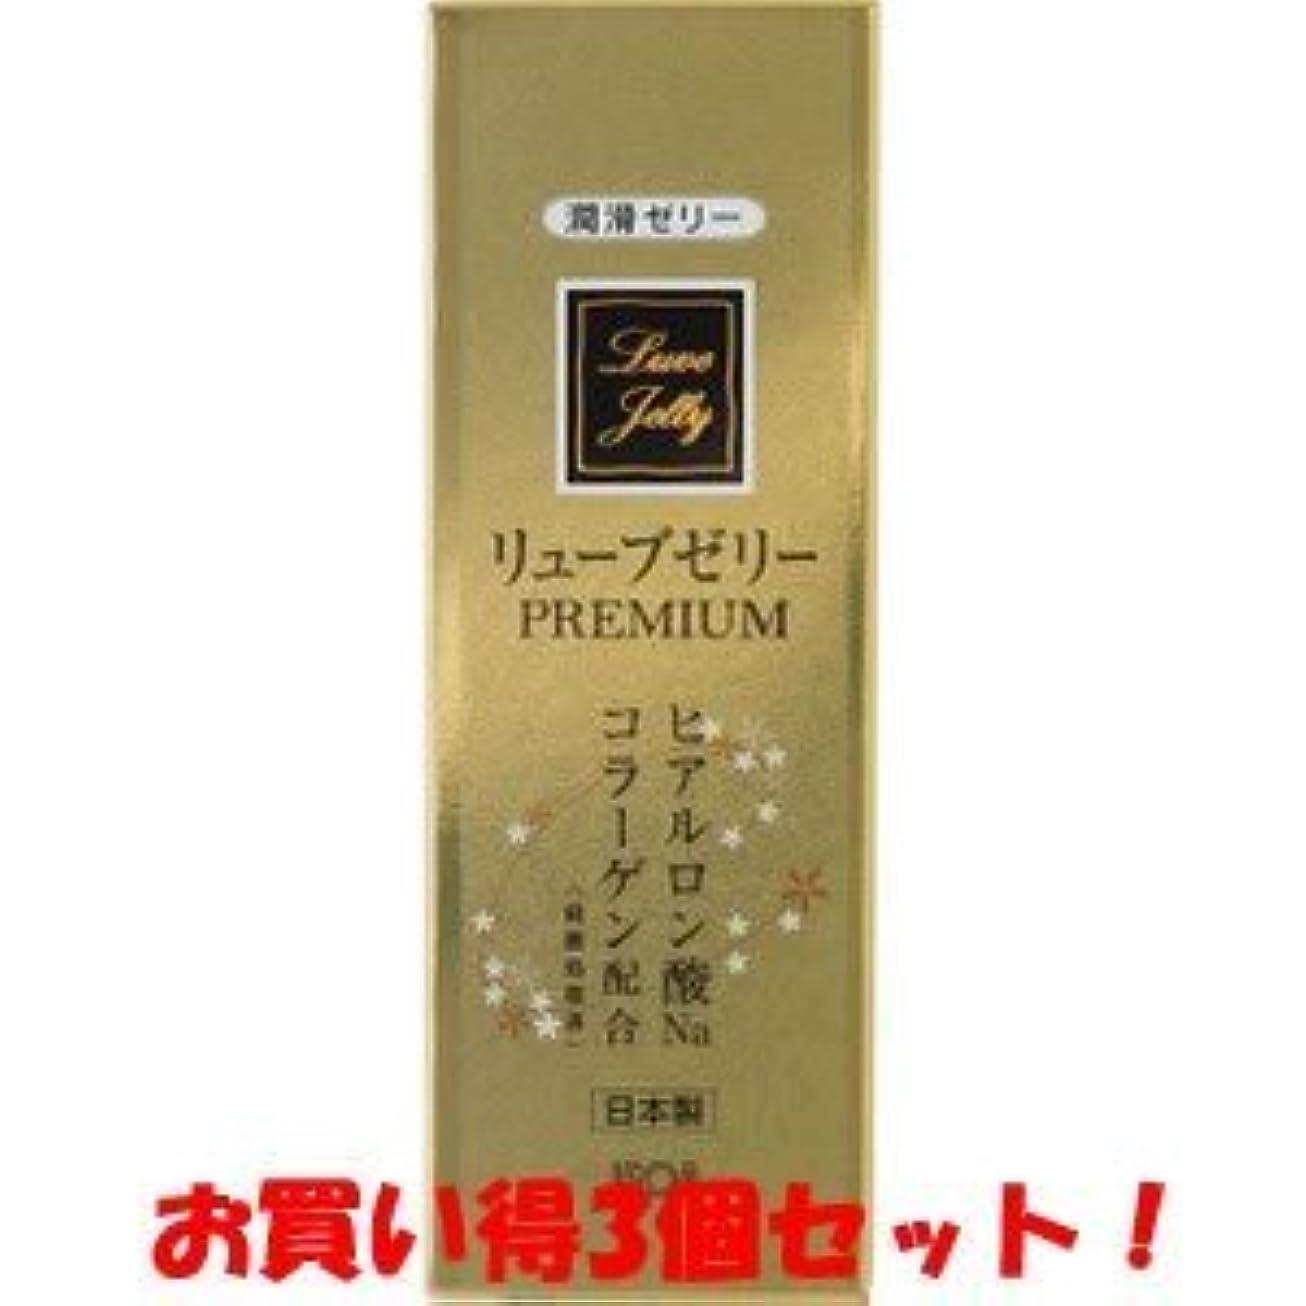 生き返らせる消す砂(ジェクス)リューブゼリー プレミアム PREMIUM 55g(お買い得3個セット)